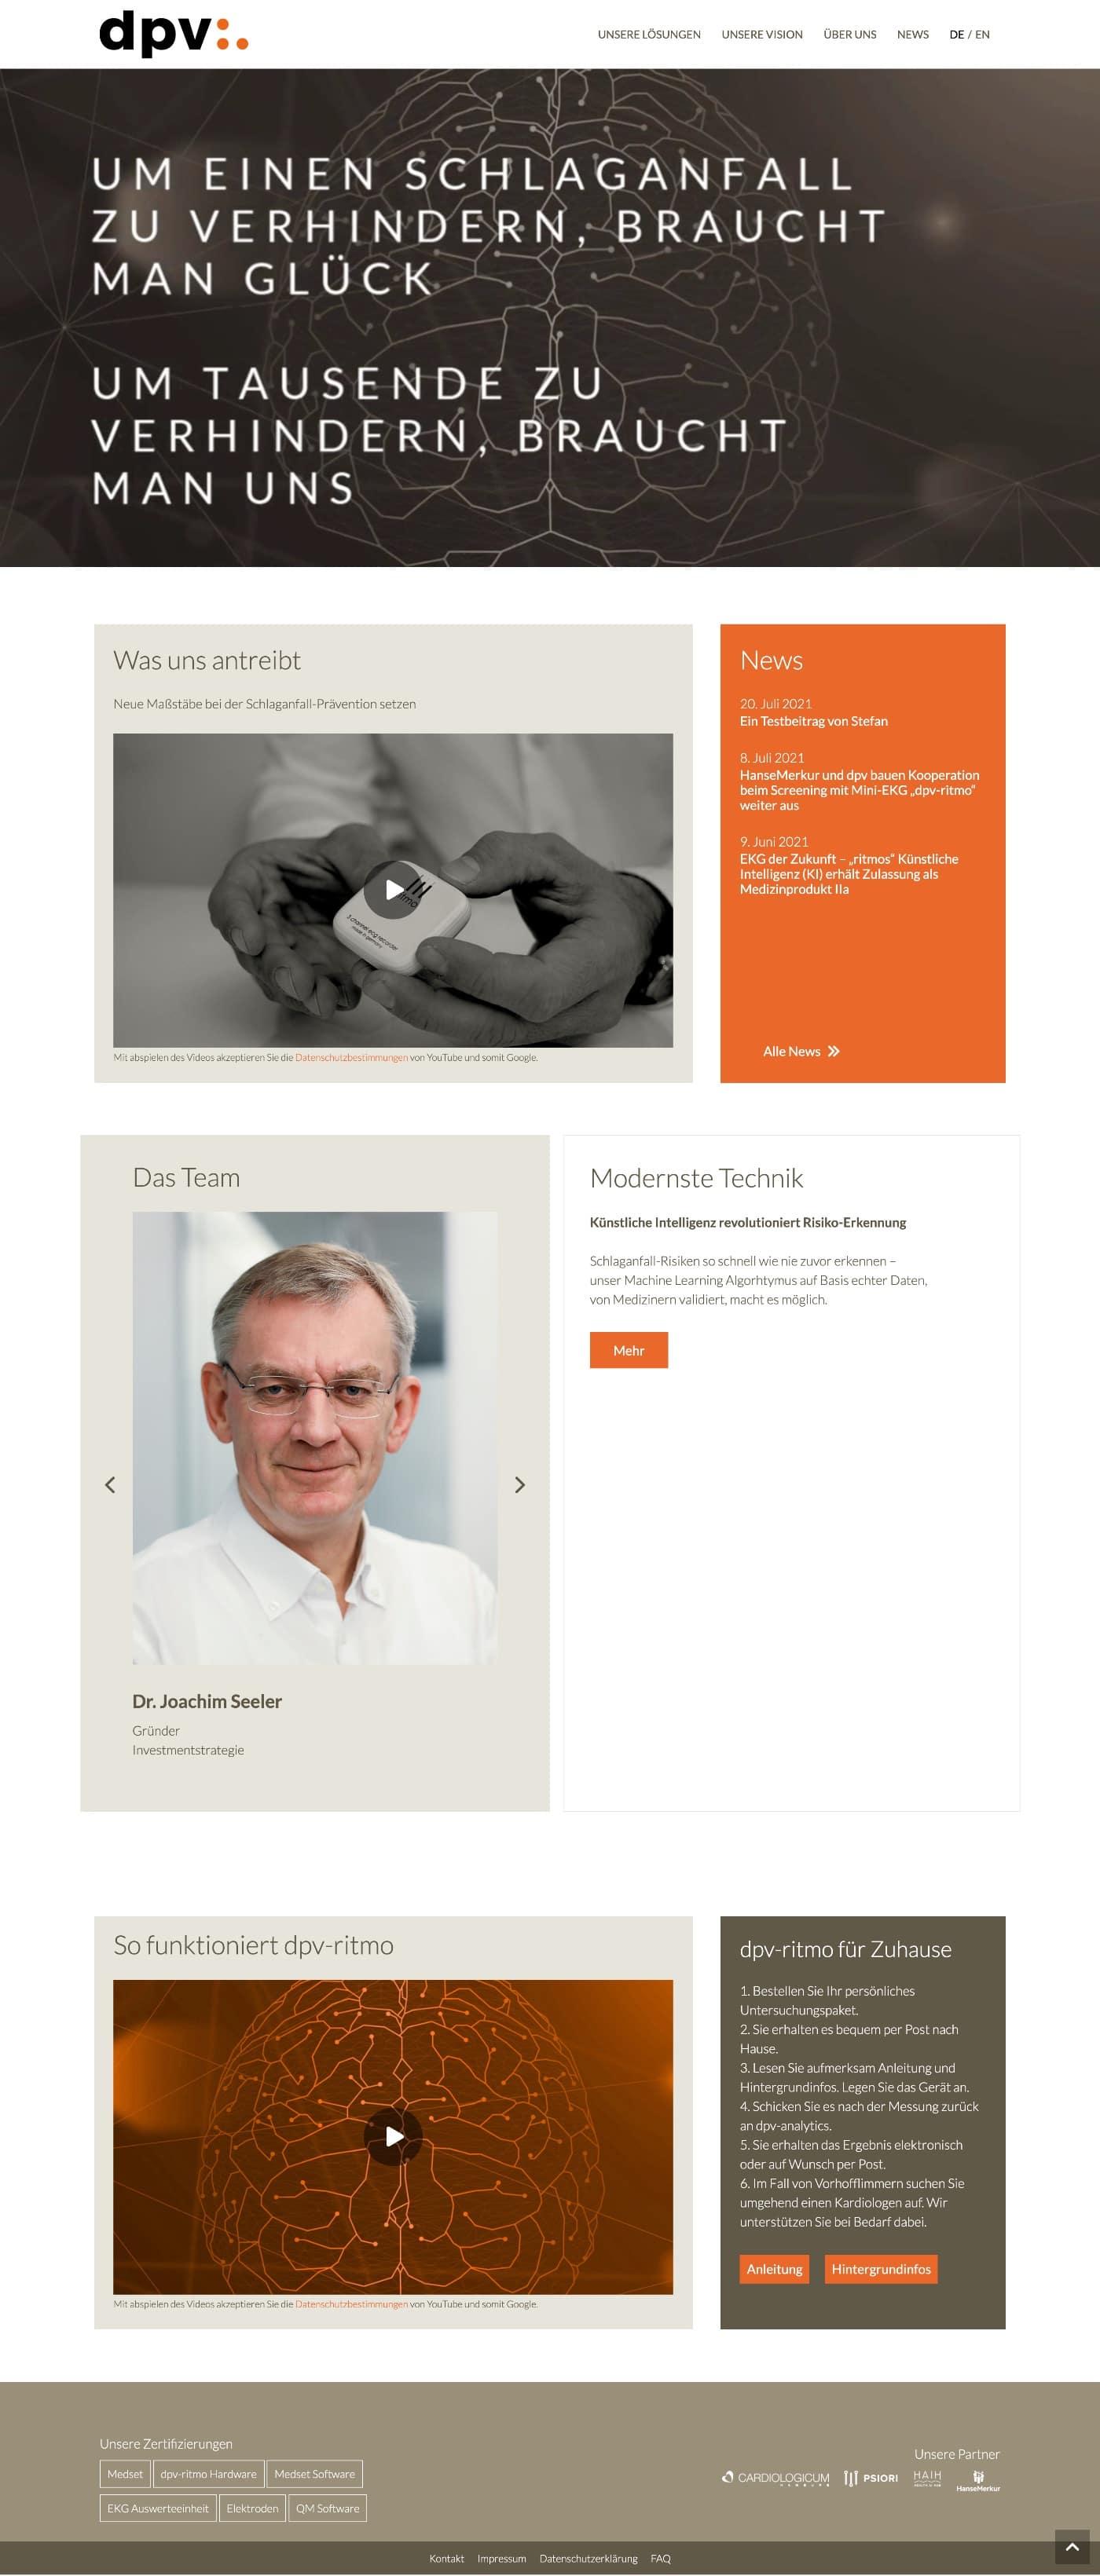 dpv analytics GmbH - Website